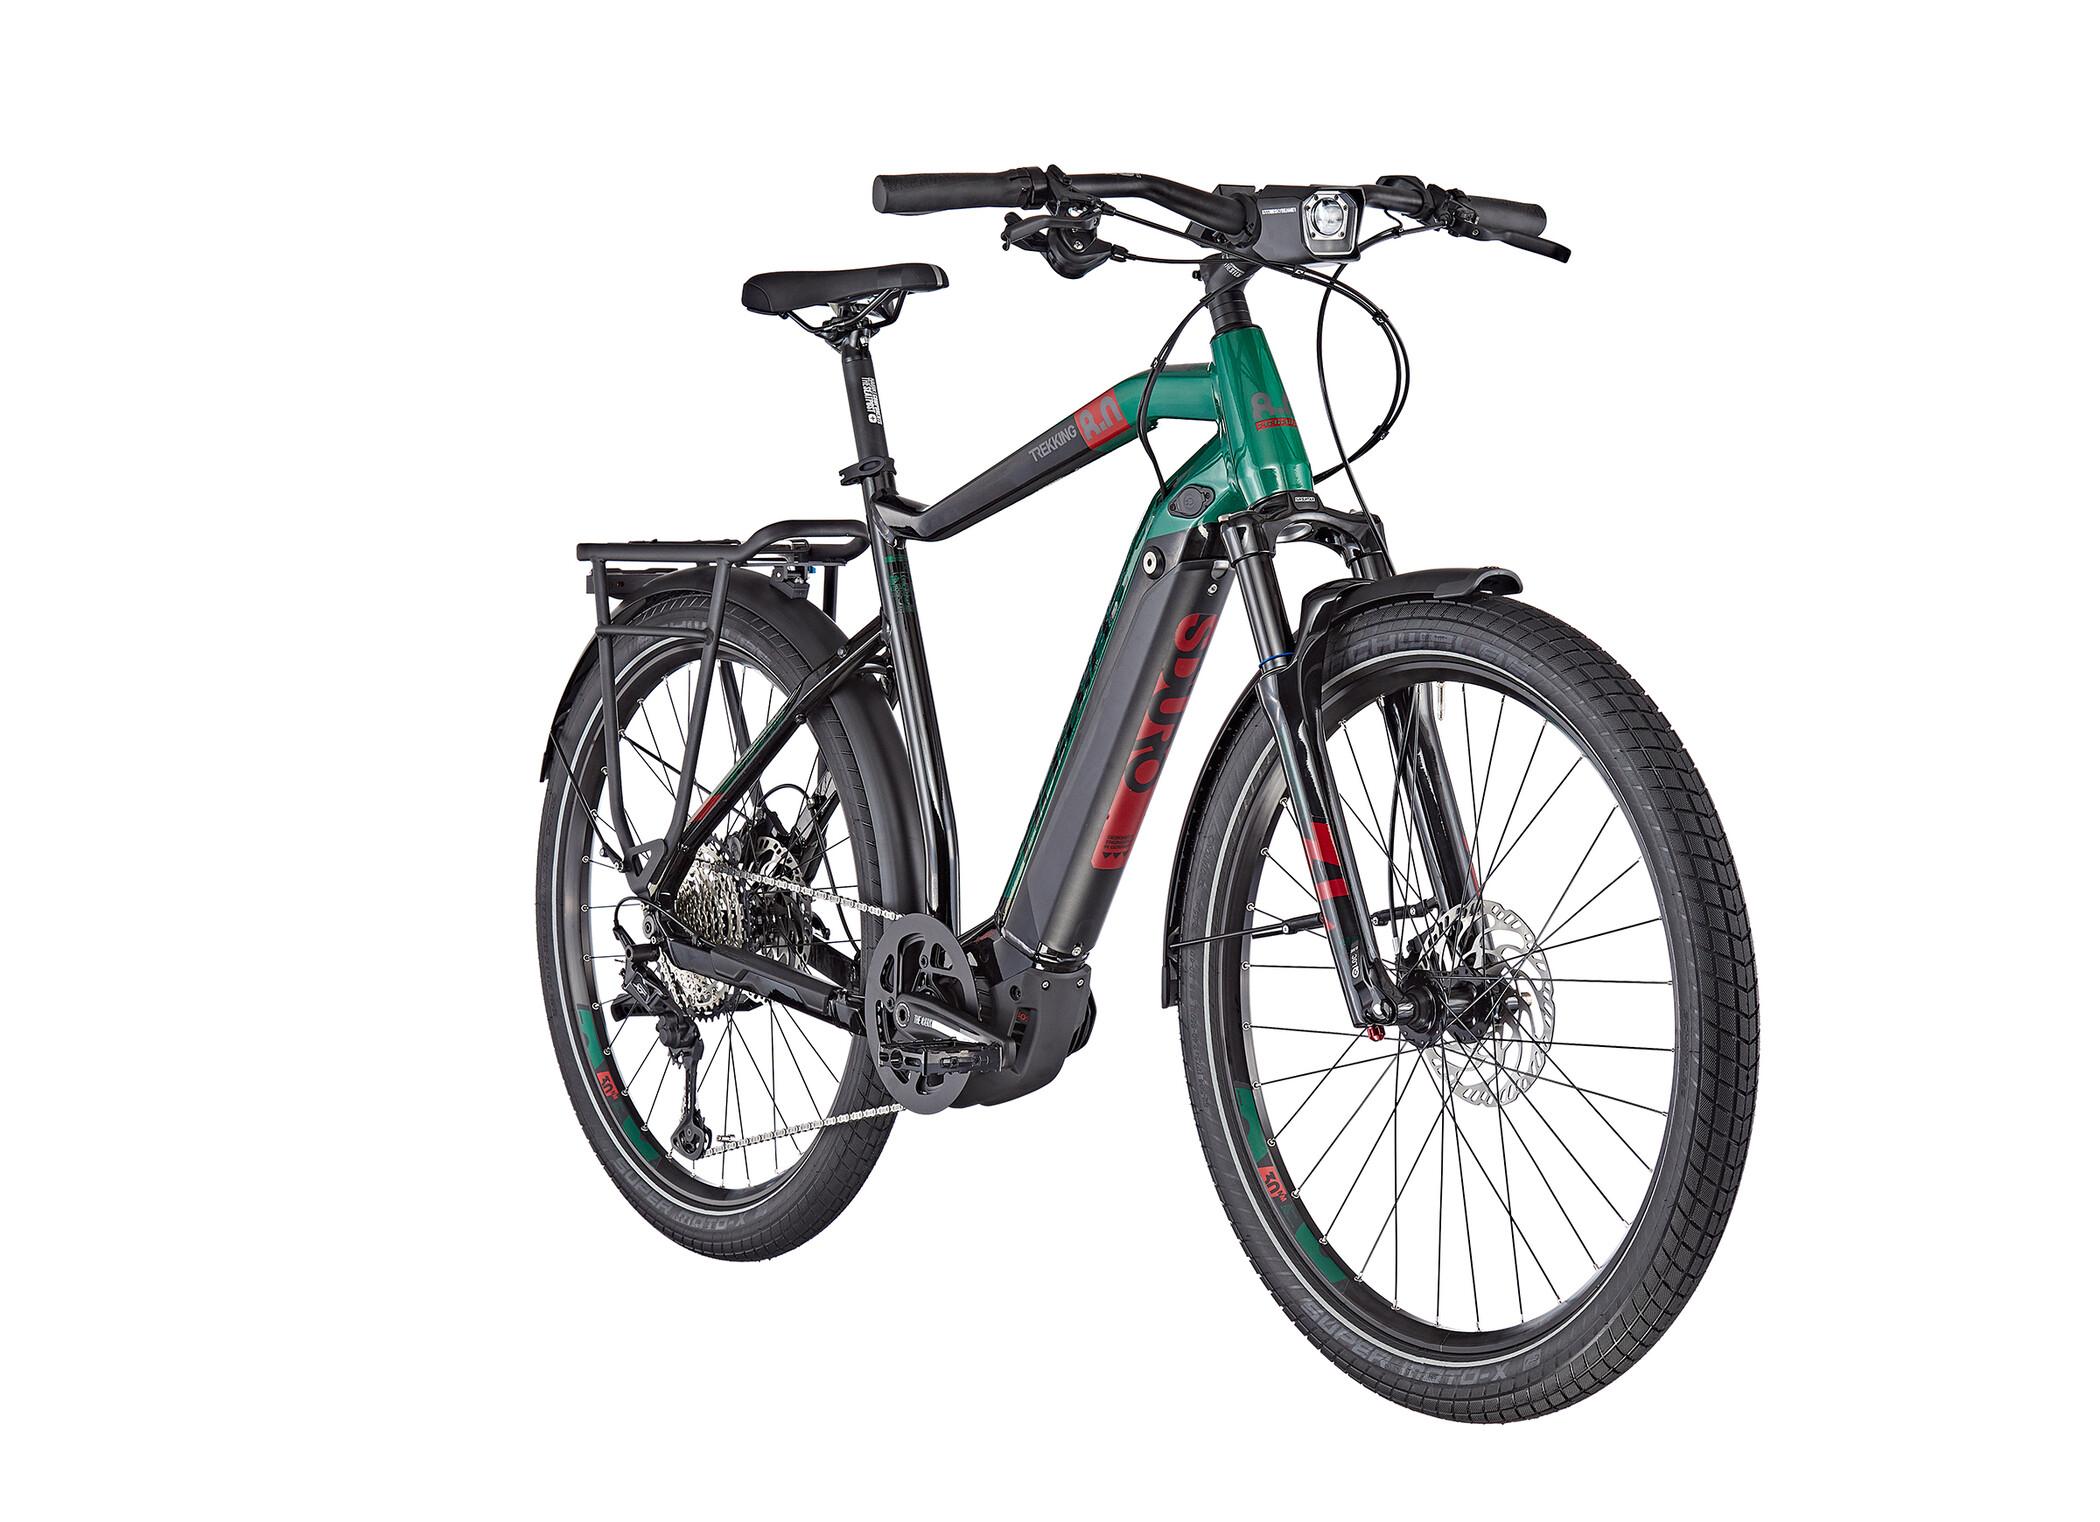 (Fahrrad.de) Haibike Sduro Trekking 8.0 (2020) E-Bike (60 und 64 cm Rahmenhöhe verfügbar)